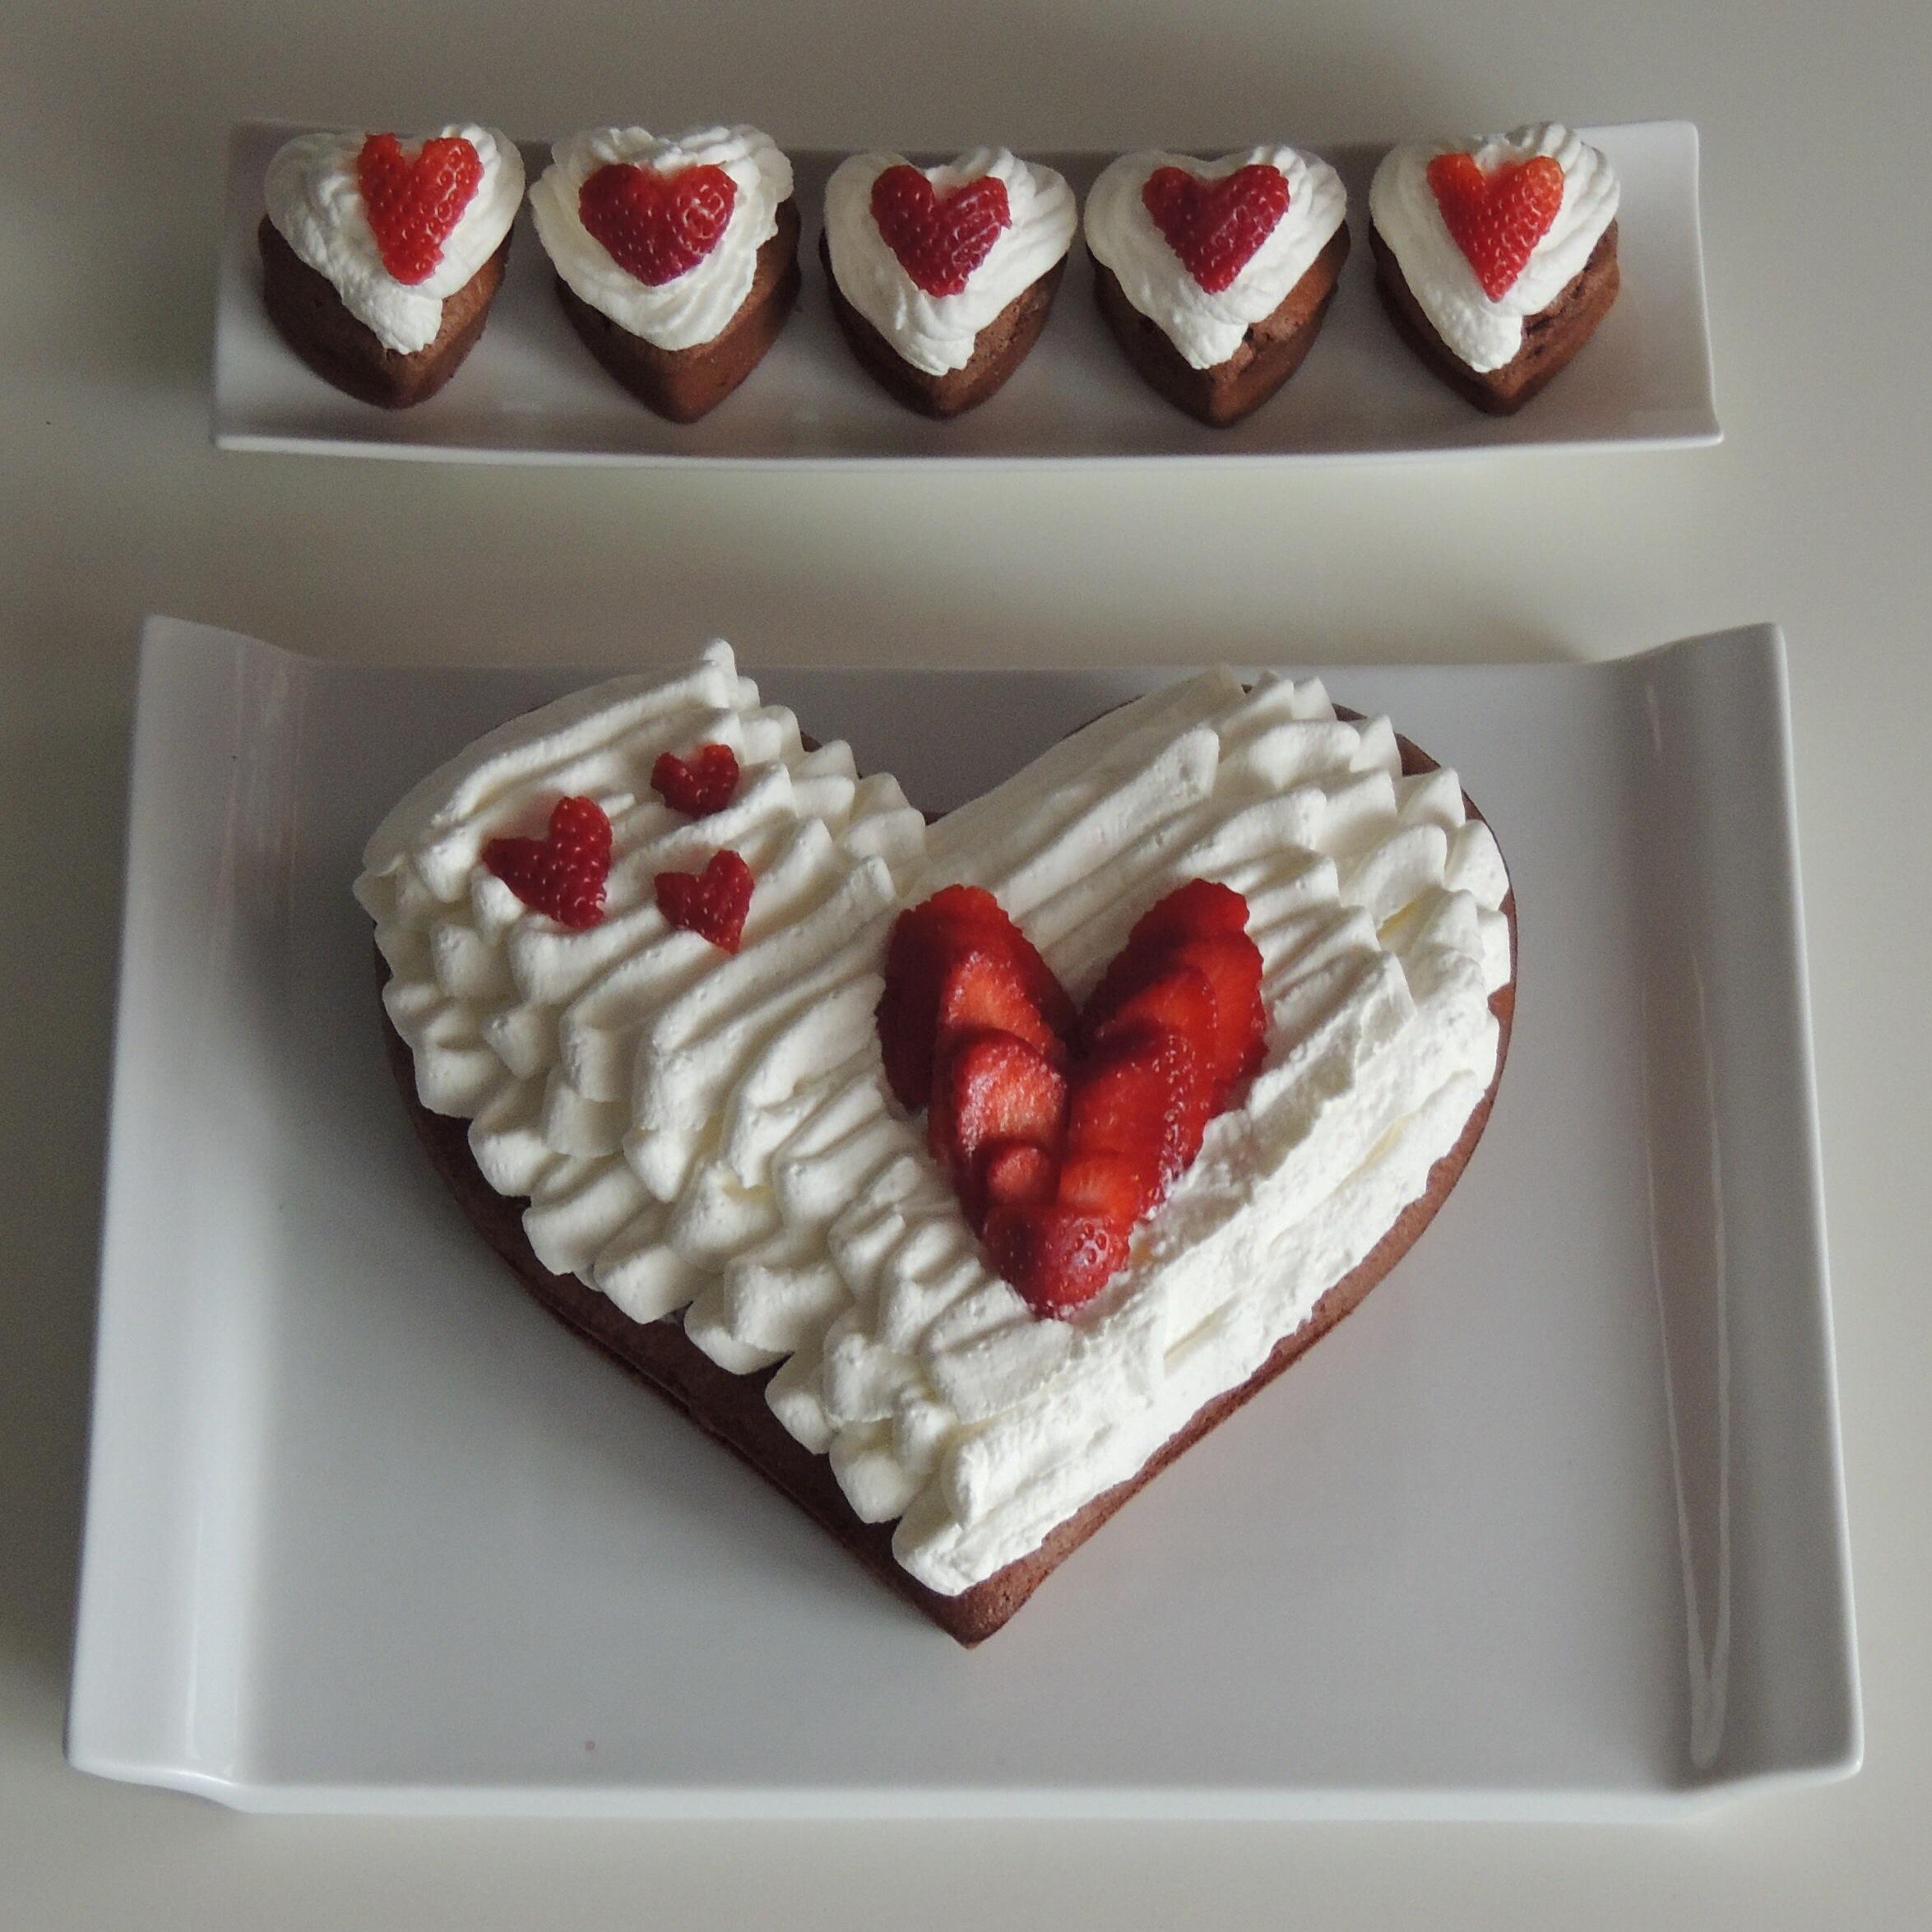 ... étalé au centre du gâteau de la confiture de fraises faite maison